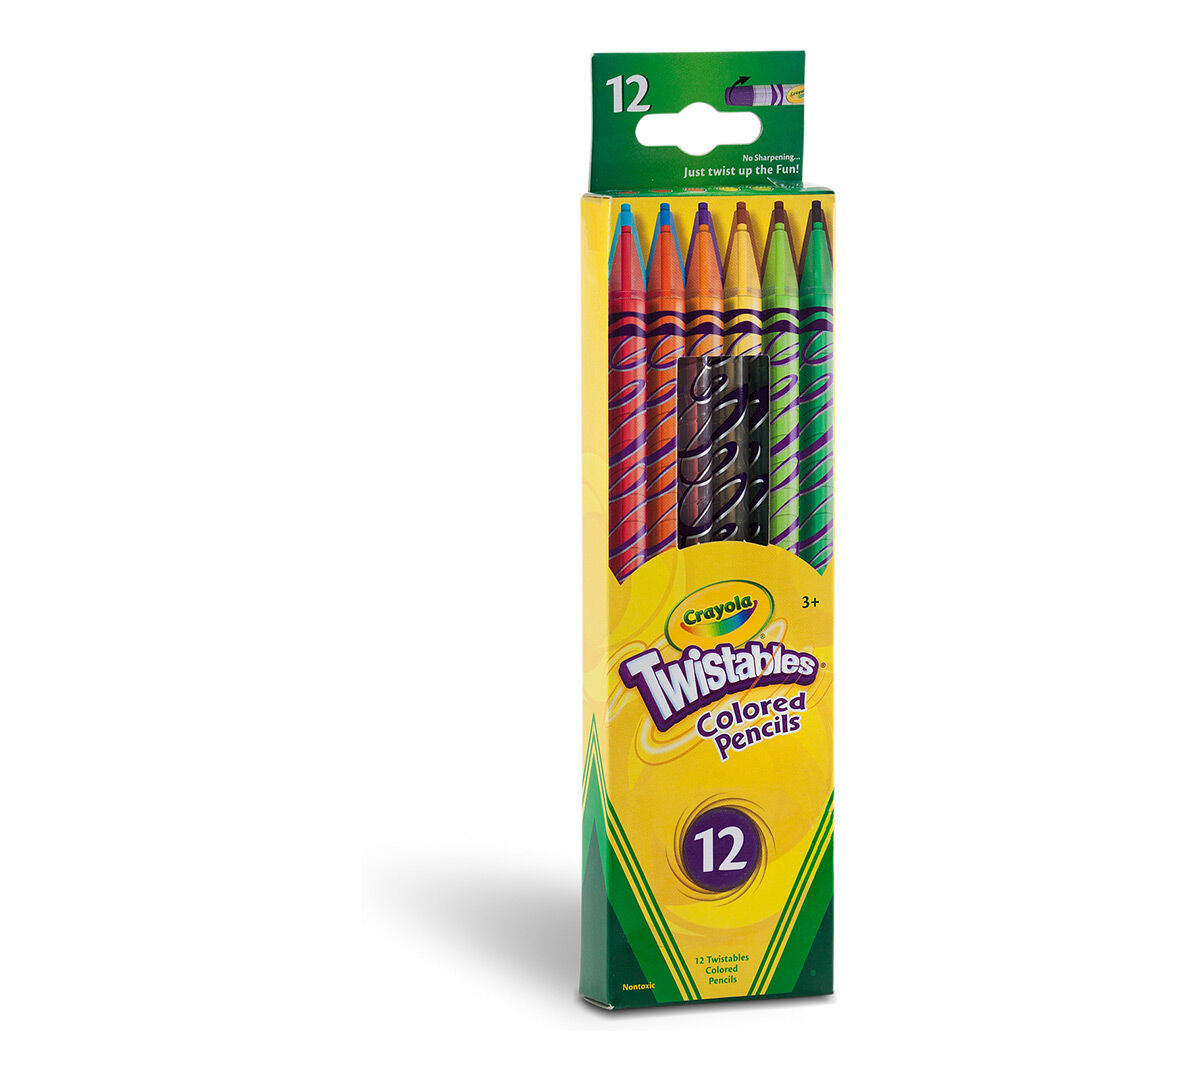 Twistables Colored Pencils, 12 Count - Crayola